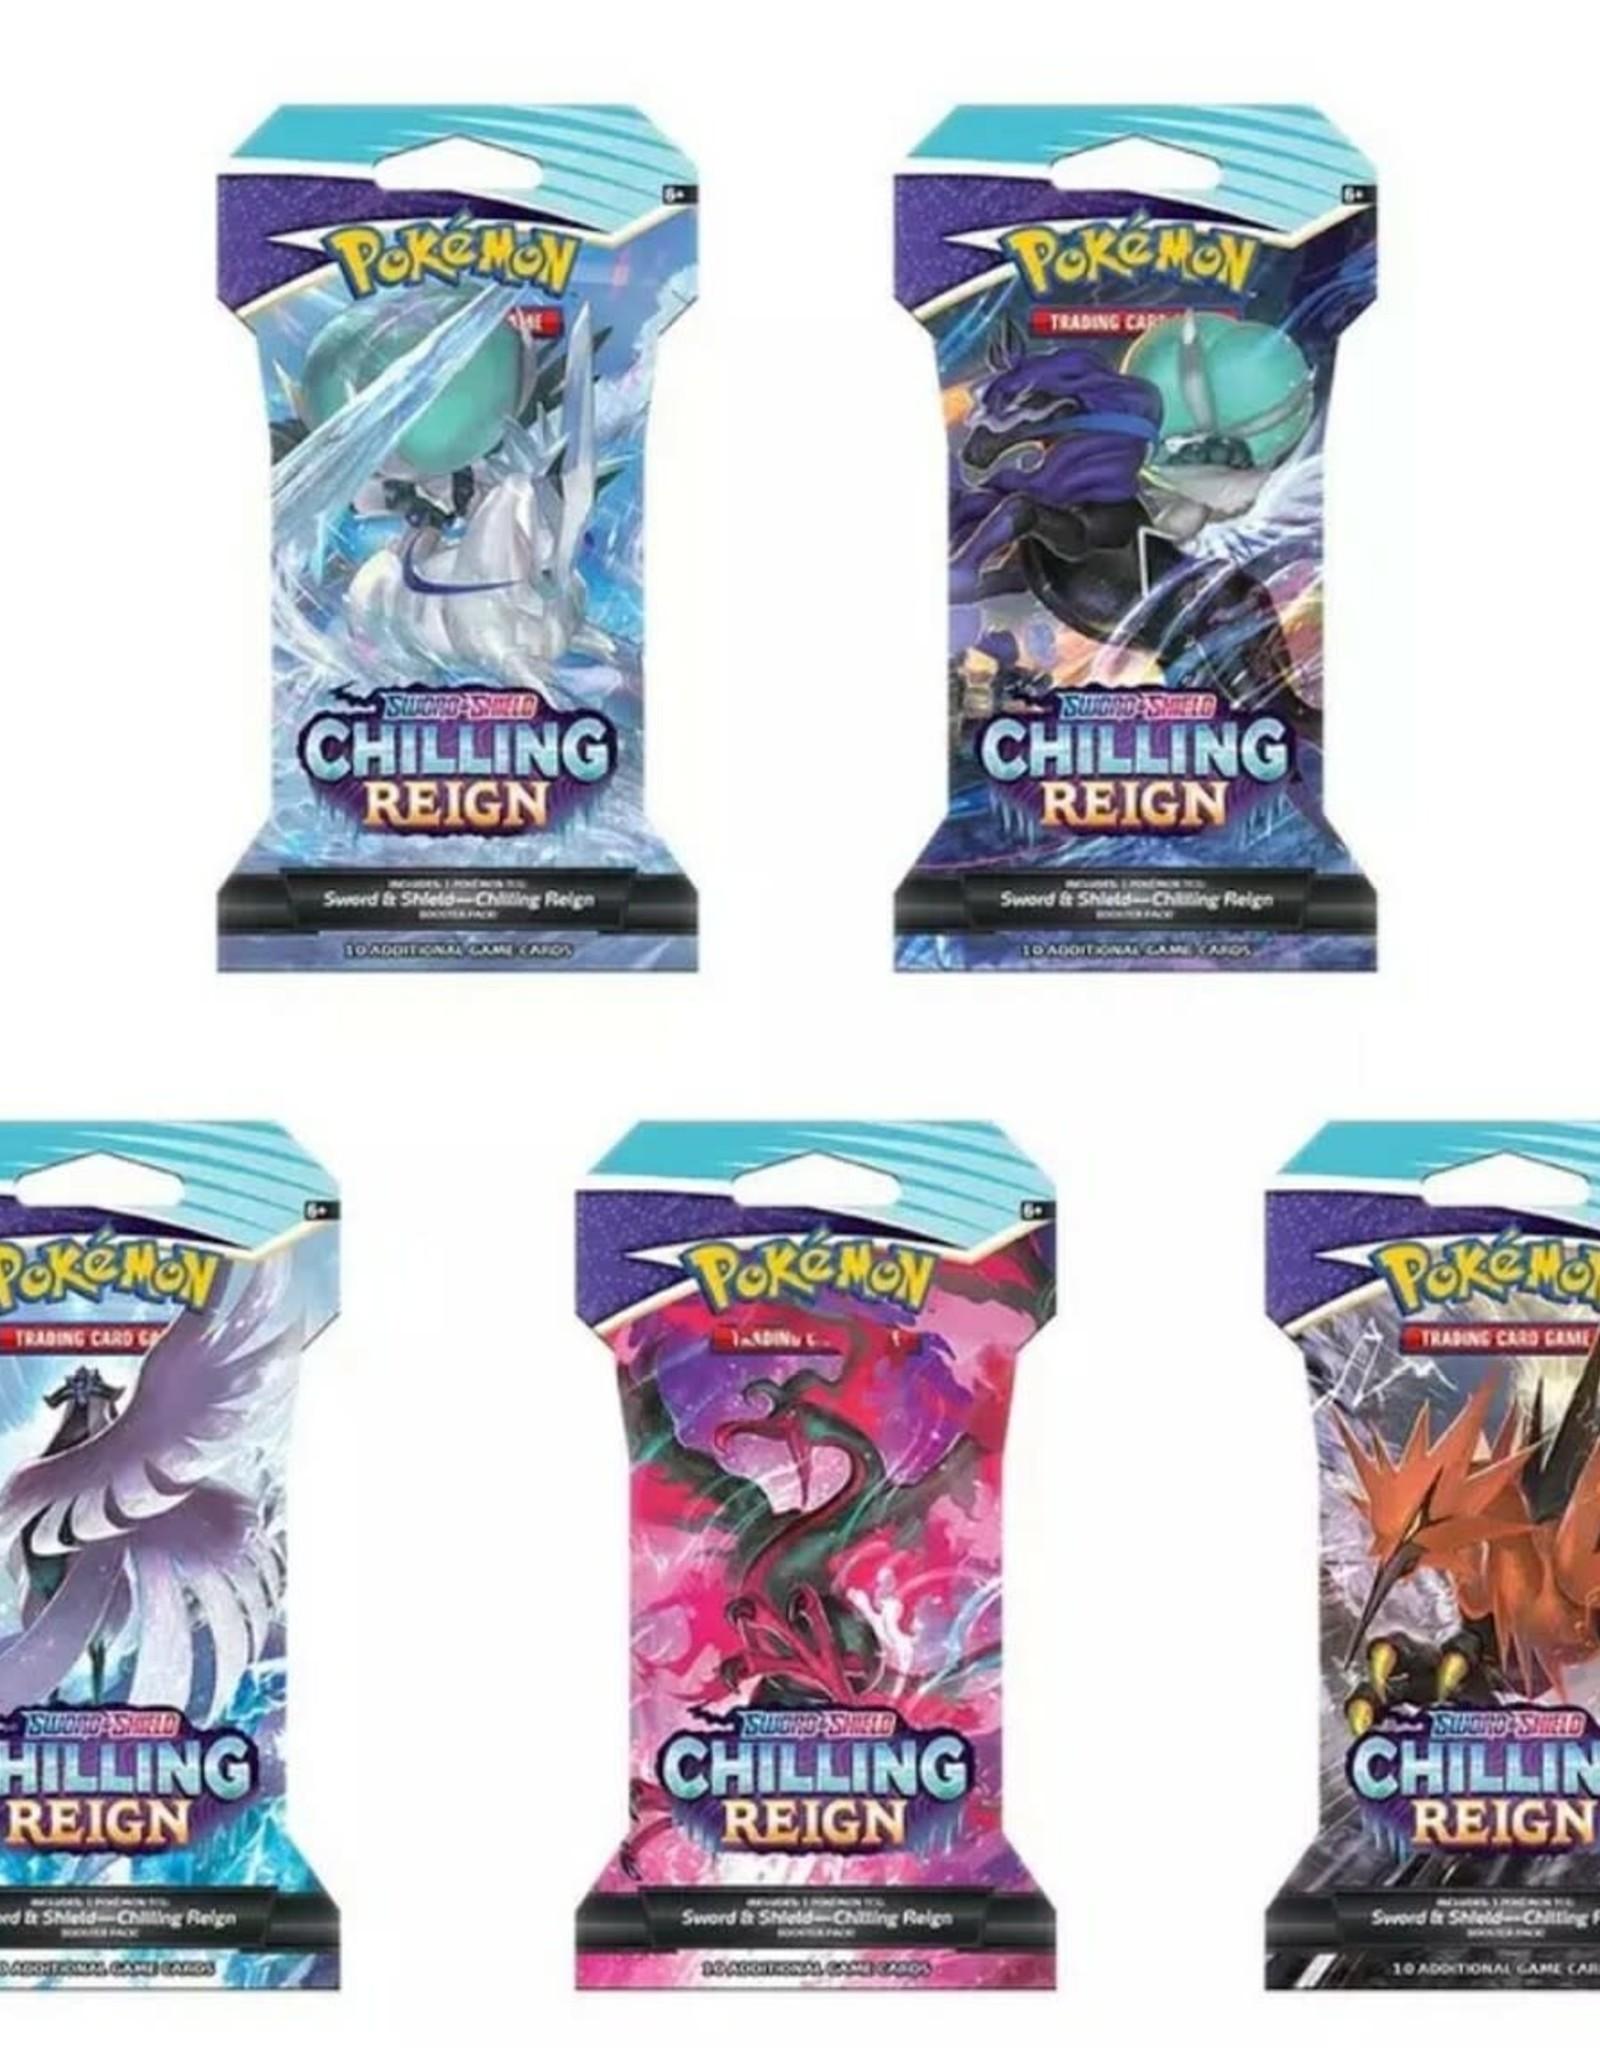 Pokemon Pokemon Chilling Reign Booster Pack